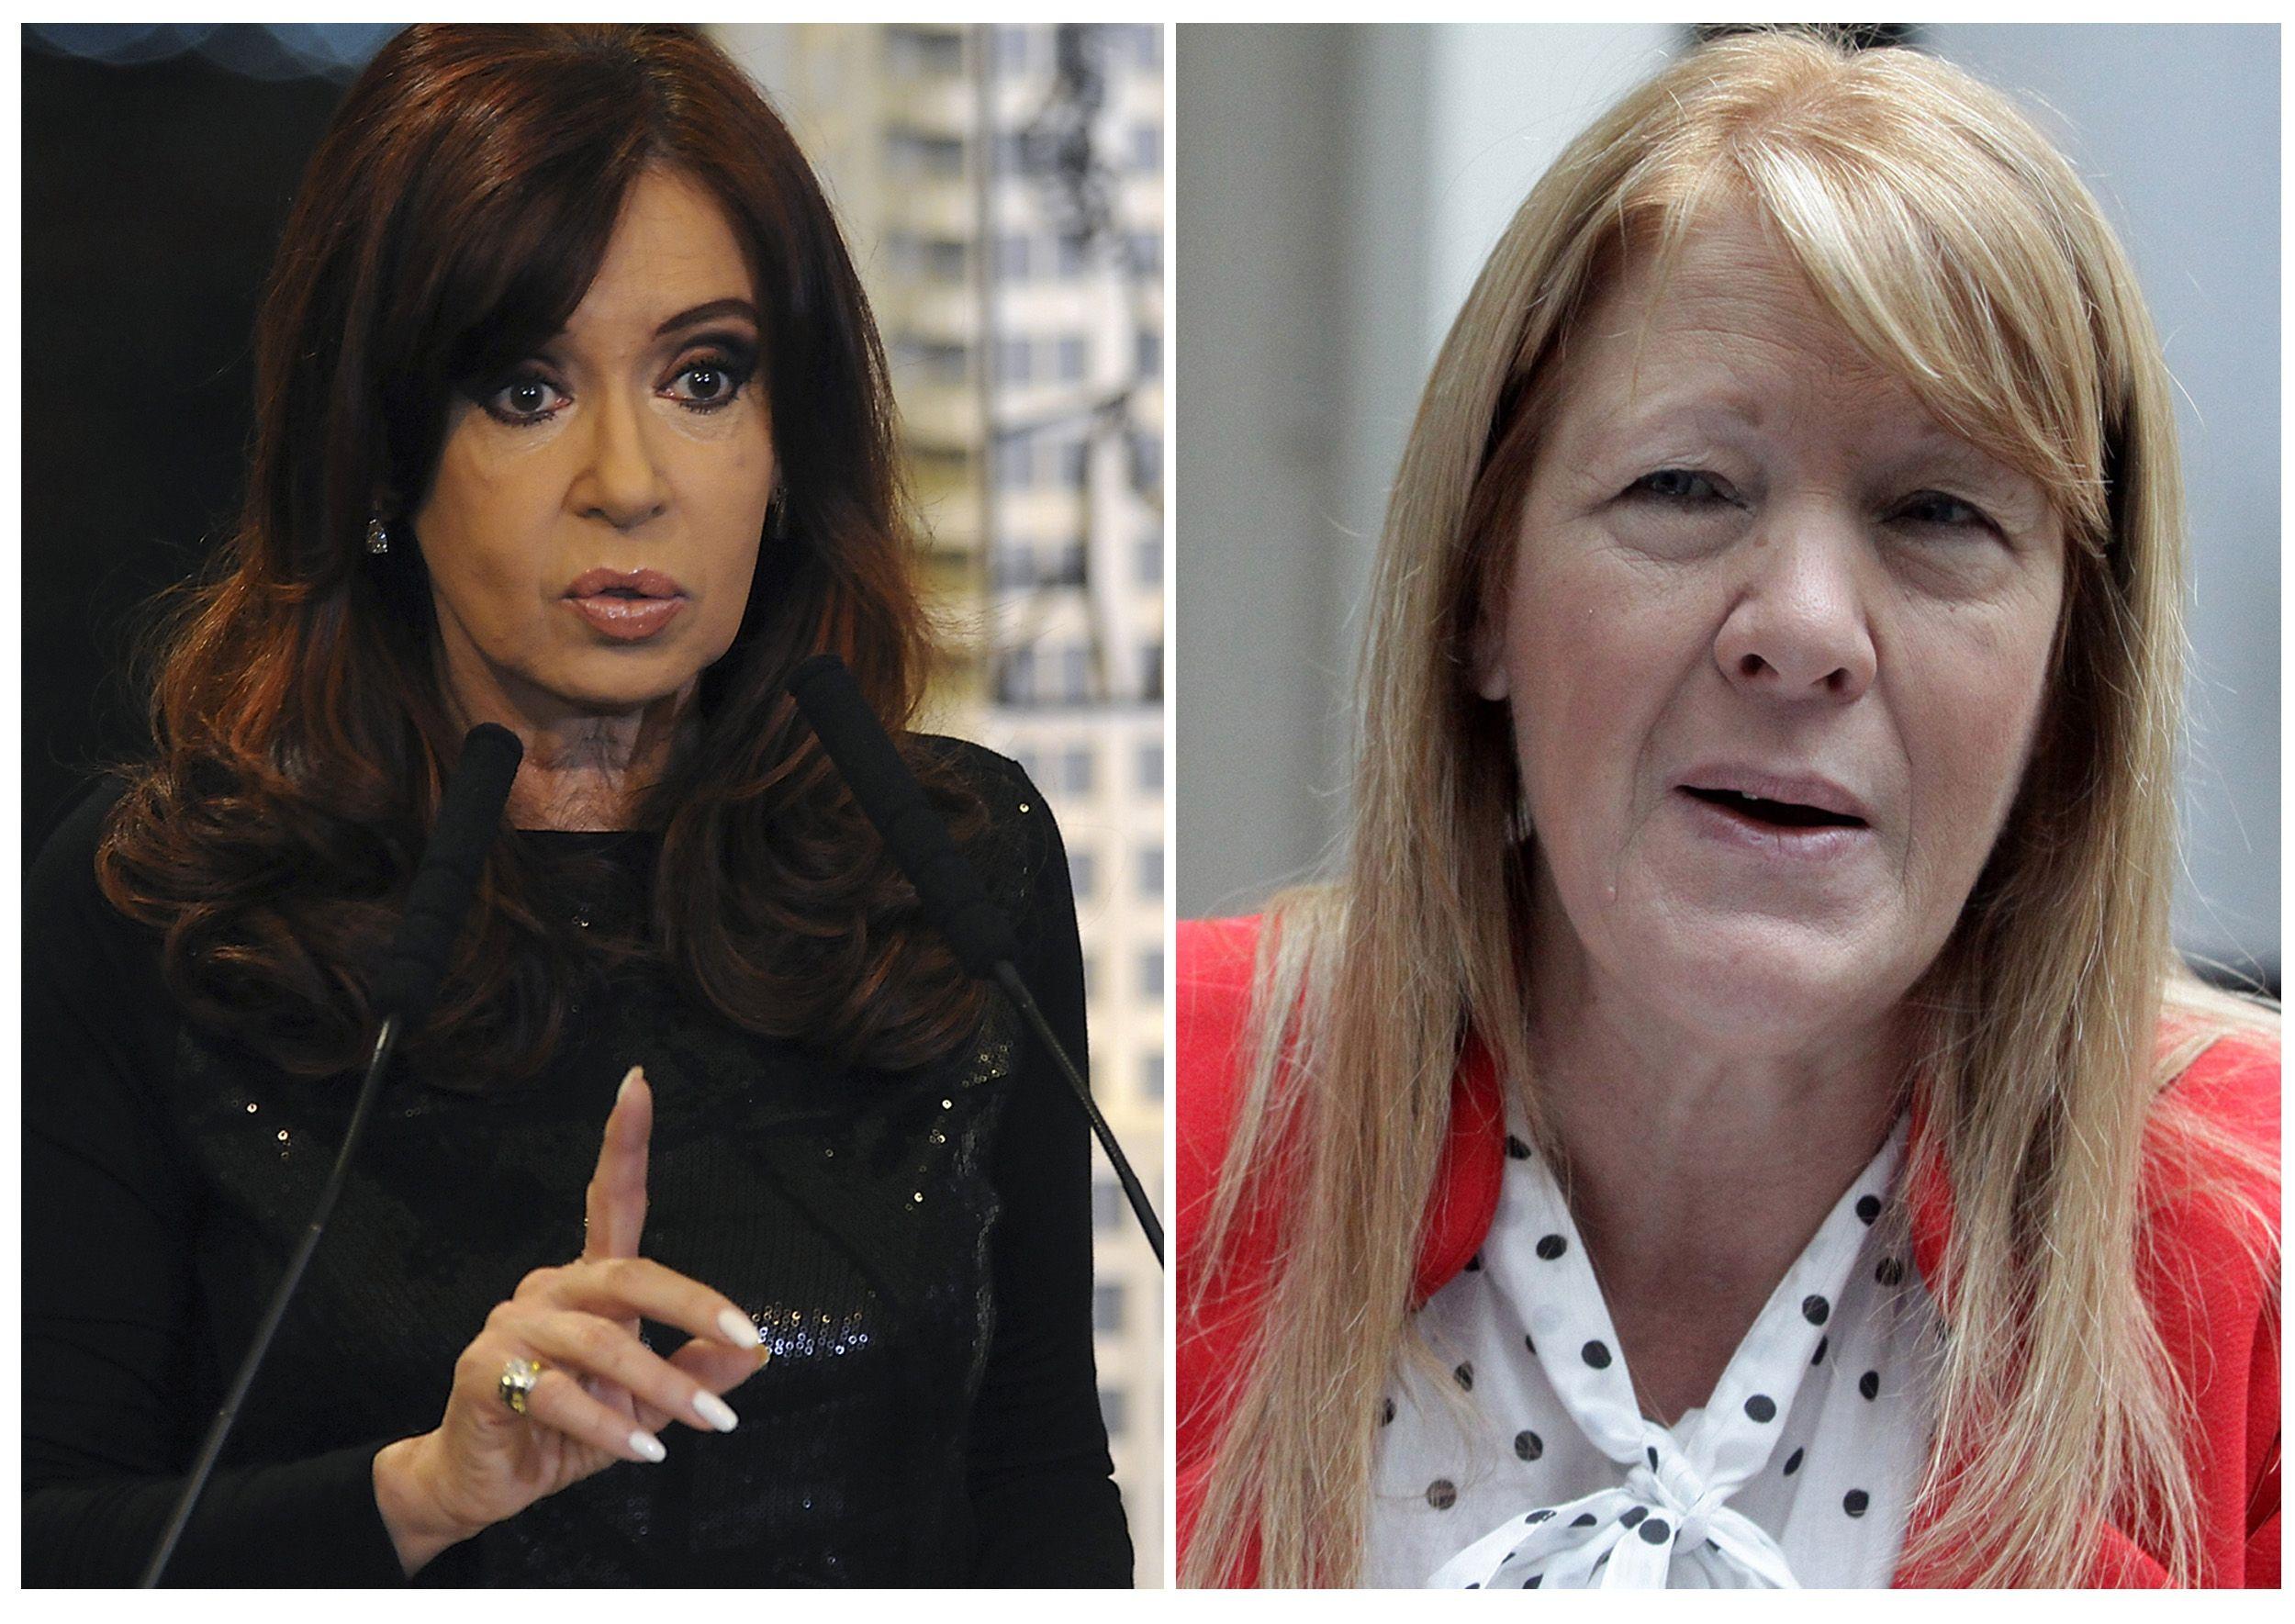 Audiencia de mediación para Cristina Kirchner y Margarita Stolbizer por daños y perjuicios